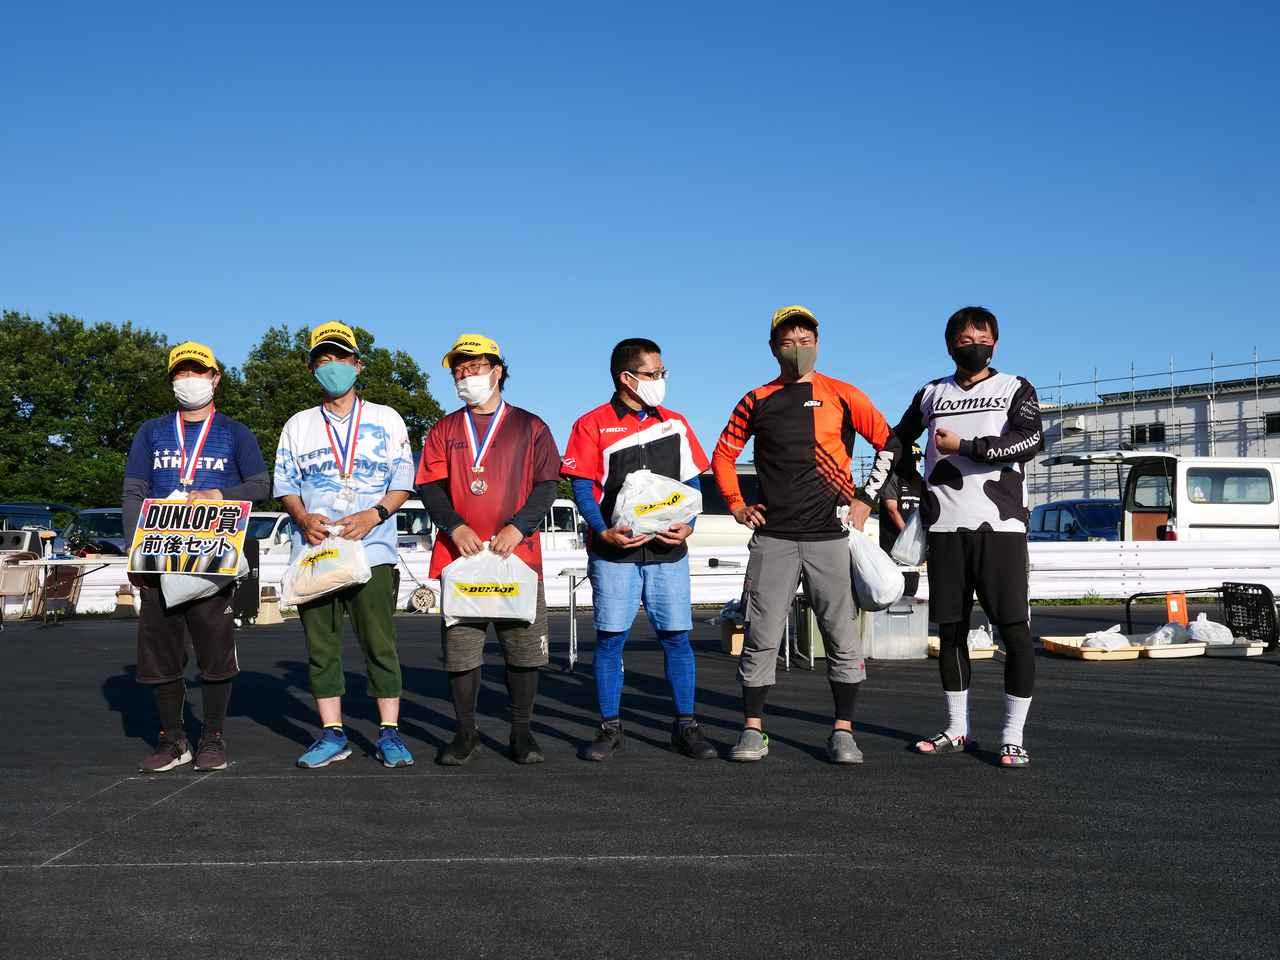 画像: ●SB級入賞者 左から1位・井川洋一選手(B級)、2位・辻家治彦選手(A級)、3位・中澤伸彦選手(A級)、4位・関吉美智選手(A級)、5位・大瀧豊明選手(A級)、6位・清野雅之選手(A級)